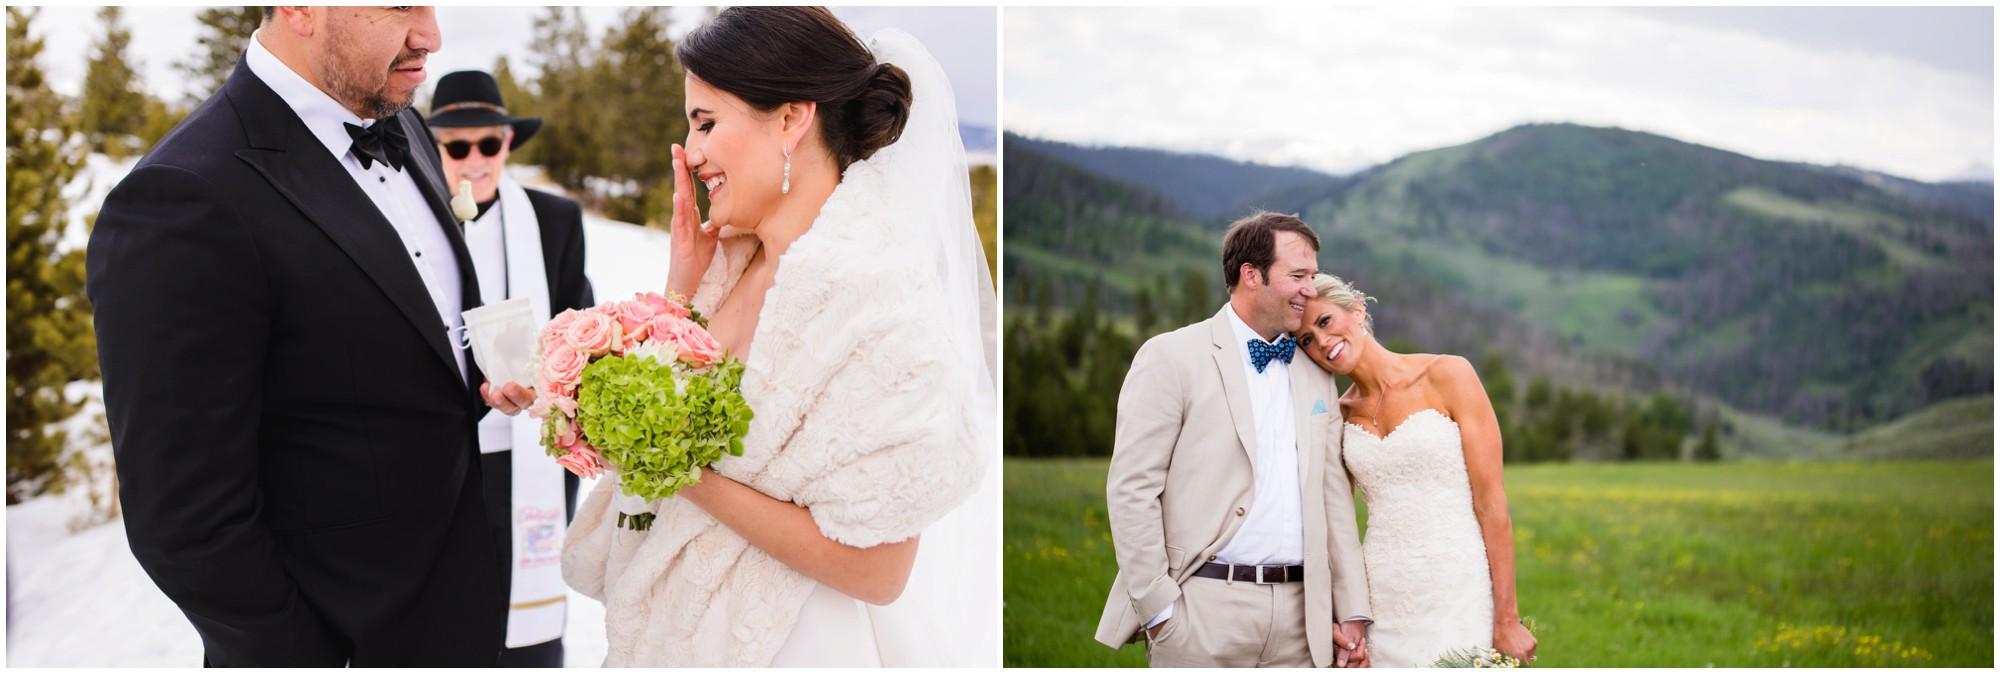 193-Lake-Dillon-Frisco-Colorado-winter-elopement.jpg